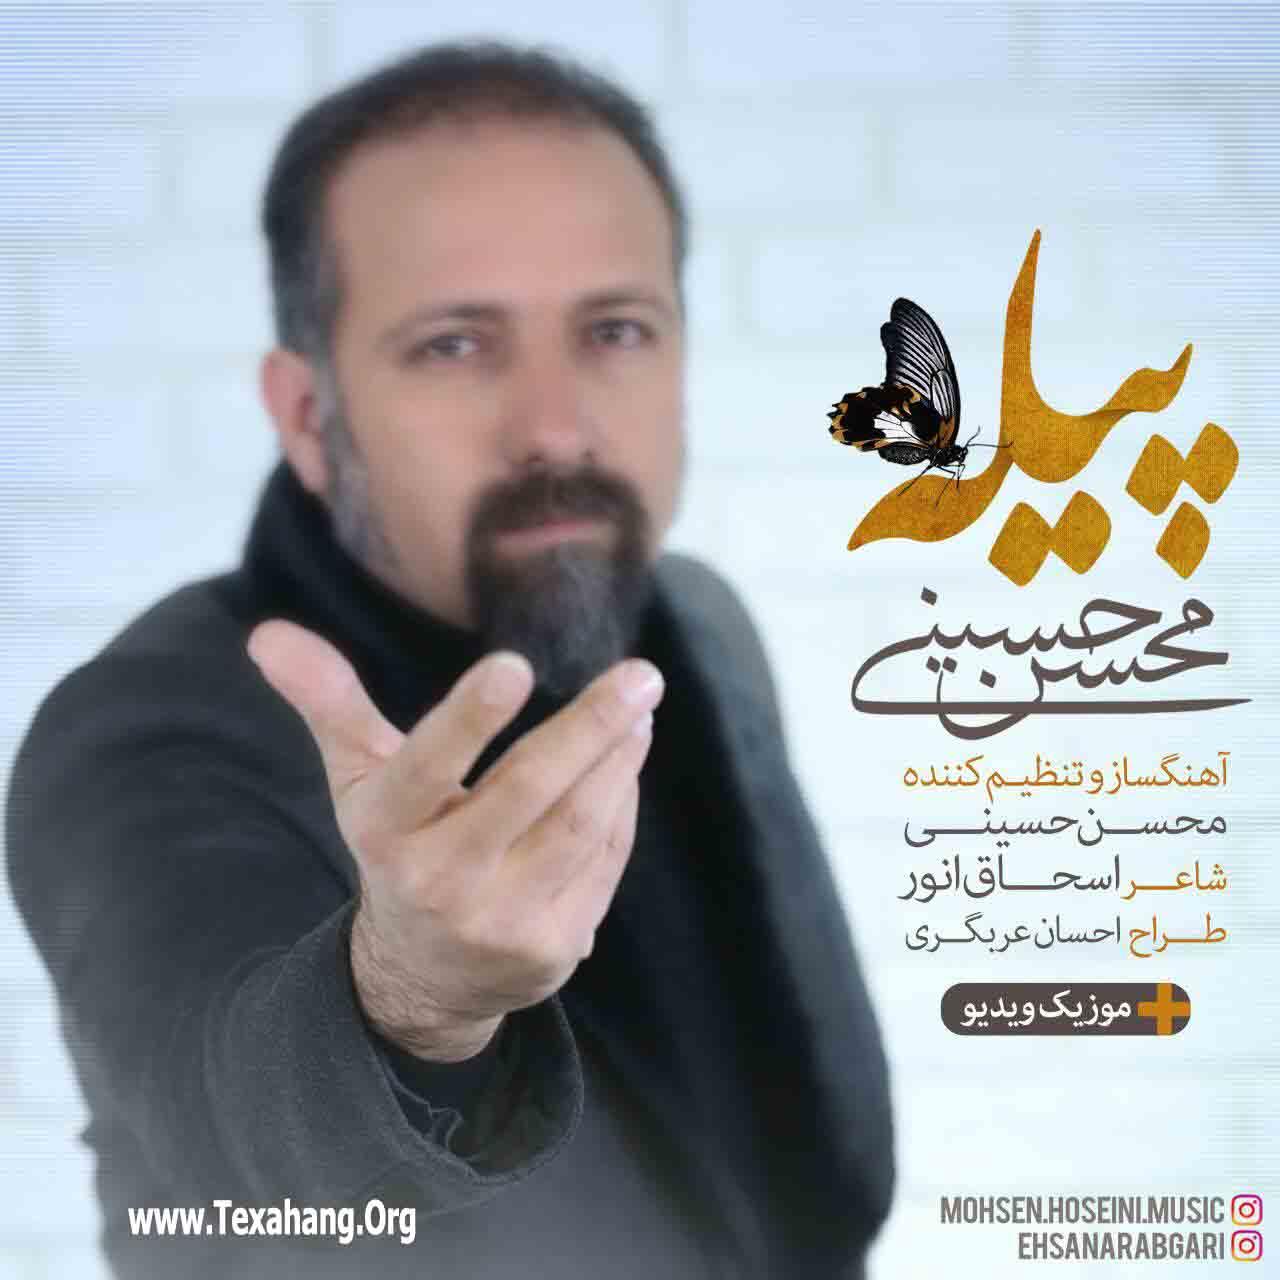 متن آهنگ جدید پیله از محسن حسینی